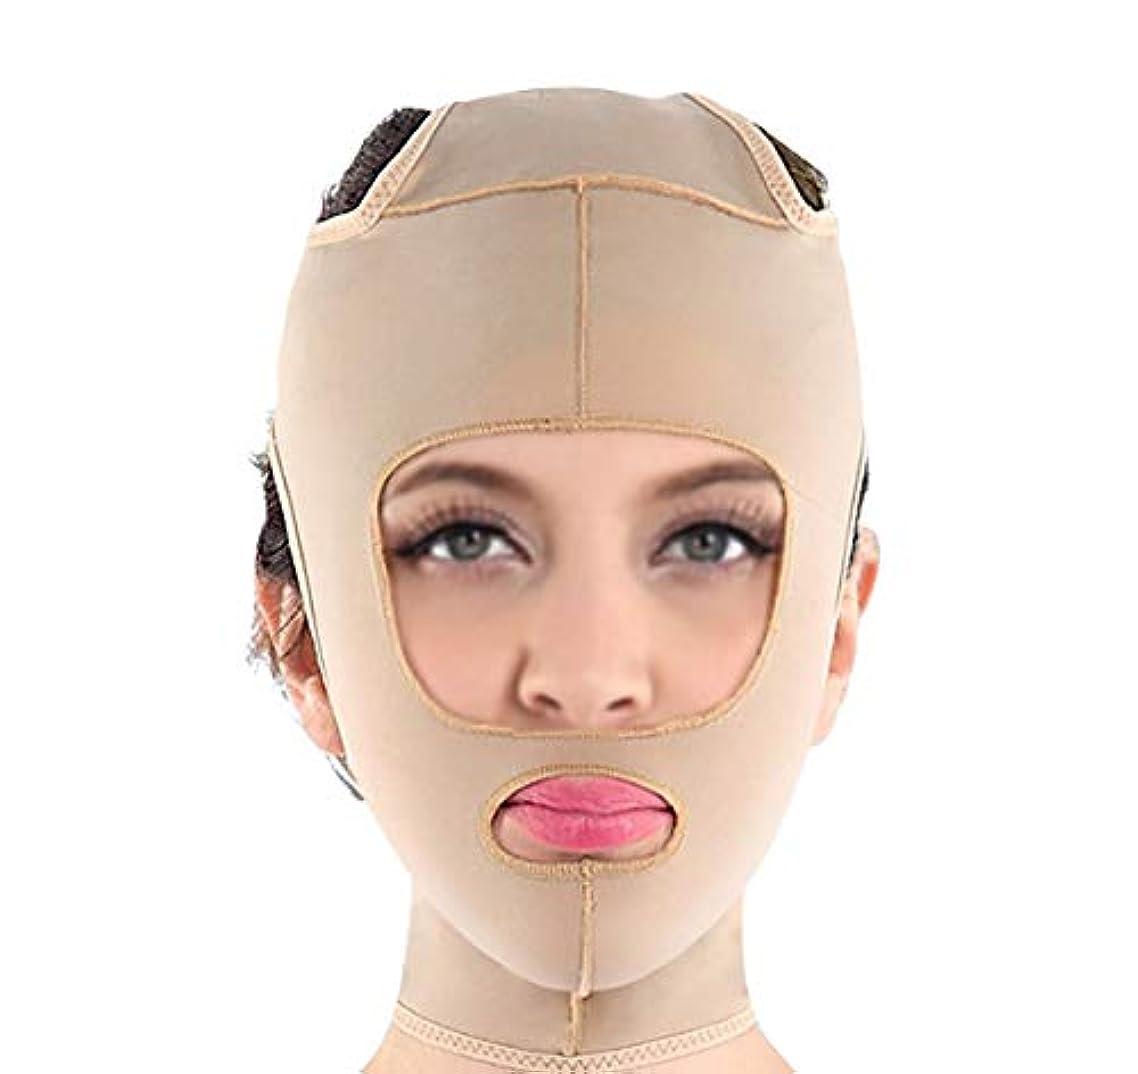 効能変な平らにするXHLMRMJ 顔に肌をより堅く保つためのフェイスリフティングマスク、V字型の顔の形、超薄型の通気性、調節可能で快適な着用 (Size : L)